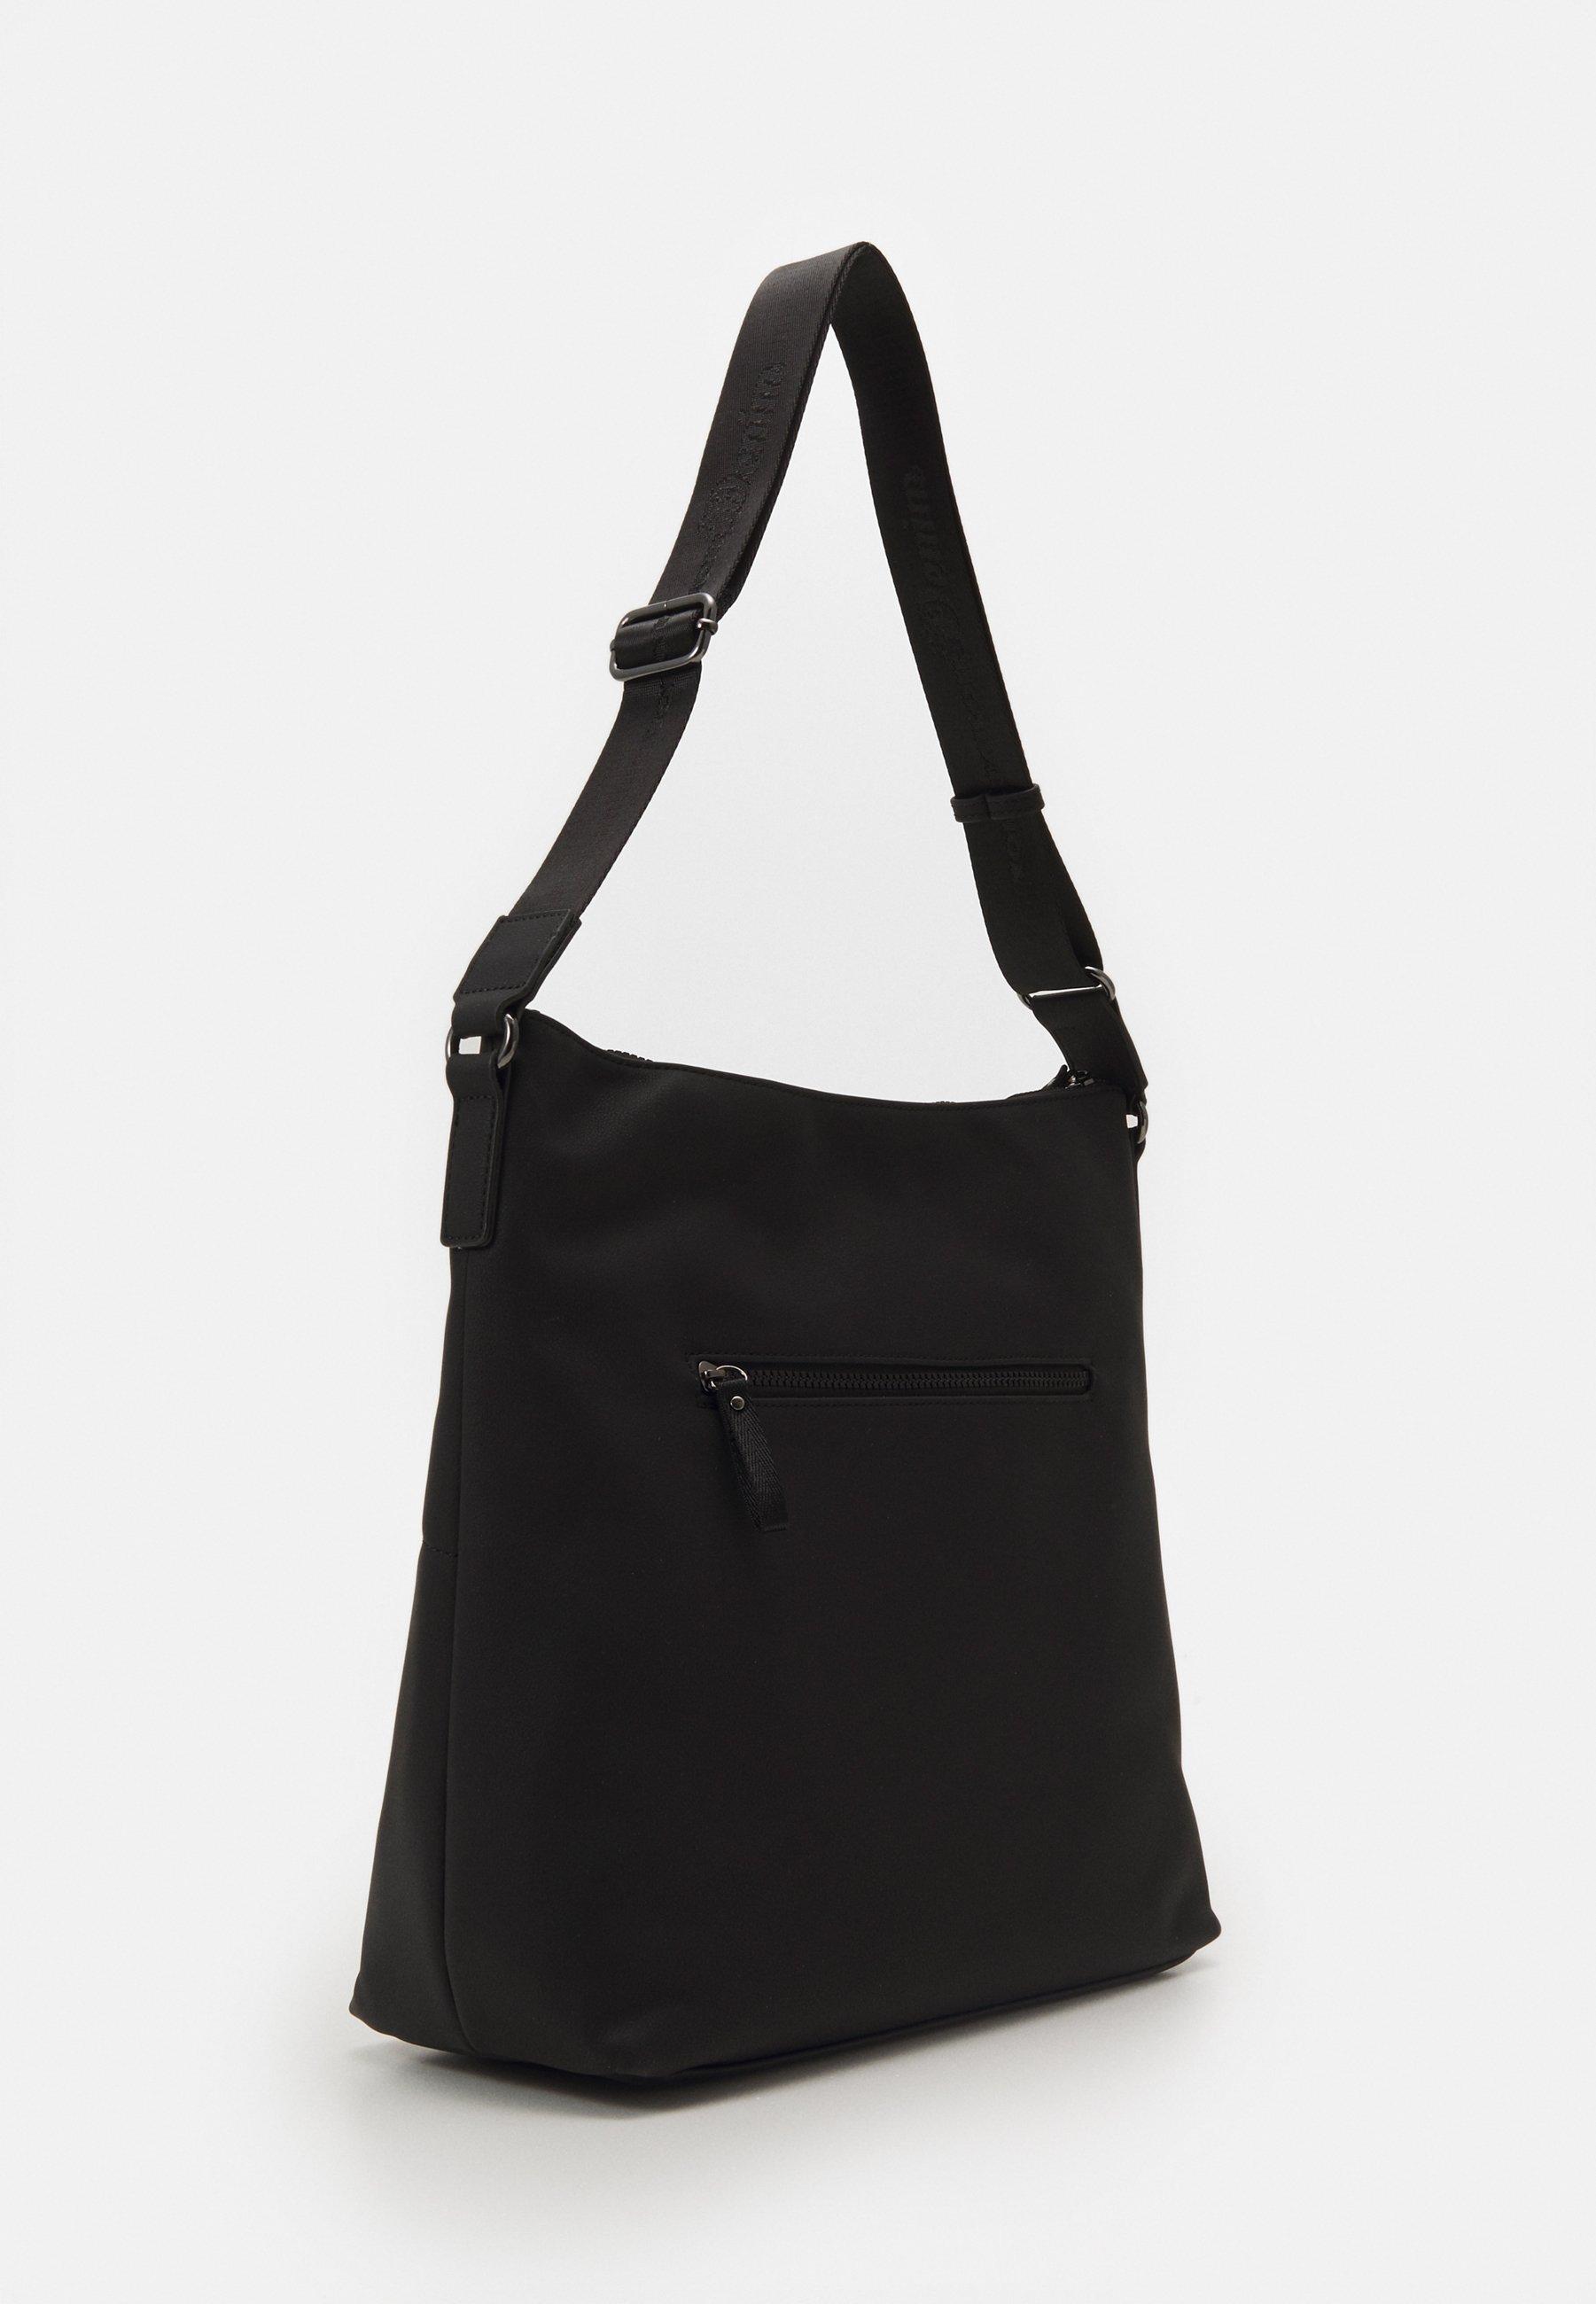 TOM TAILOR SOFT SHOPPER Shoppingveske black Zalando.no